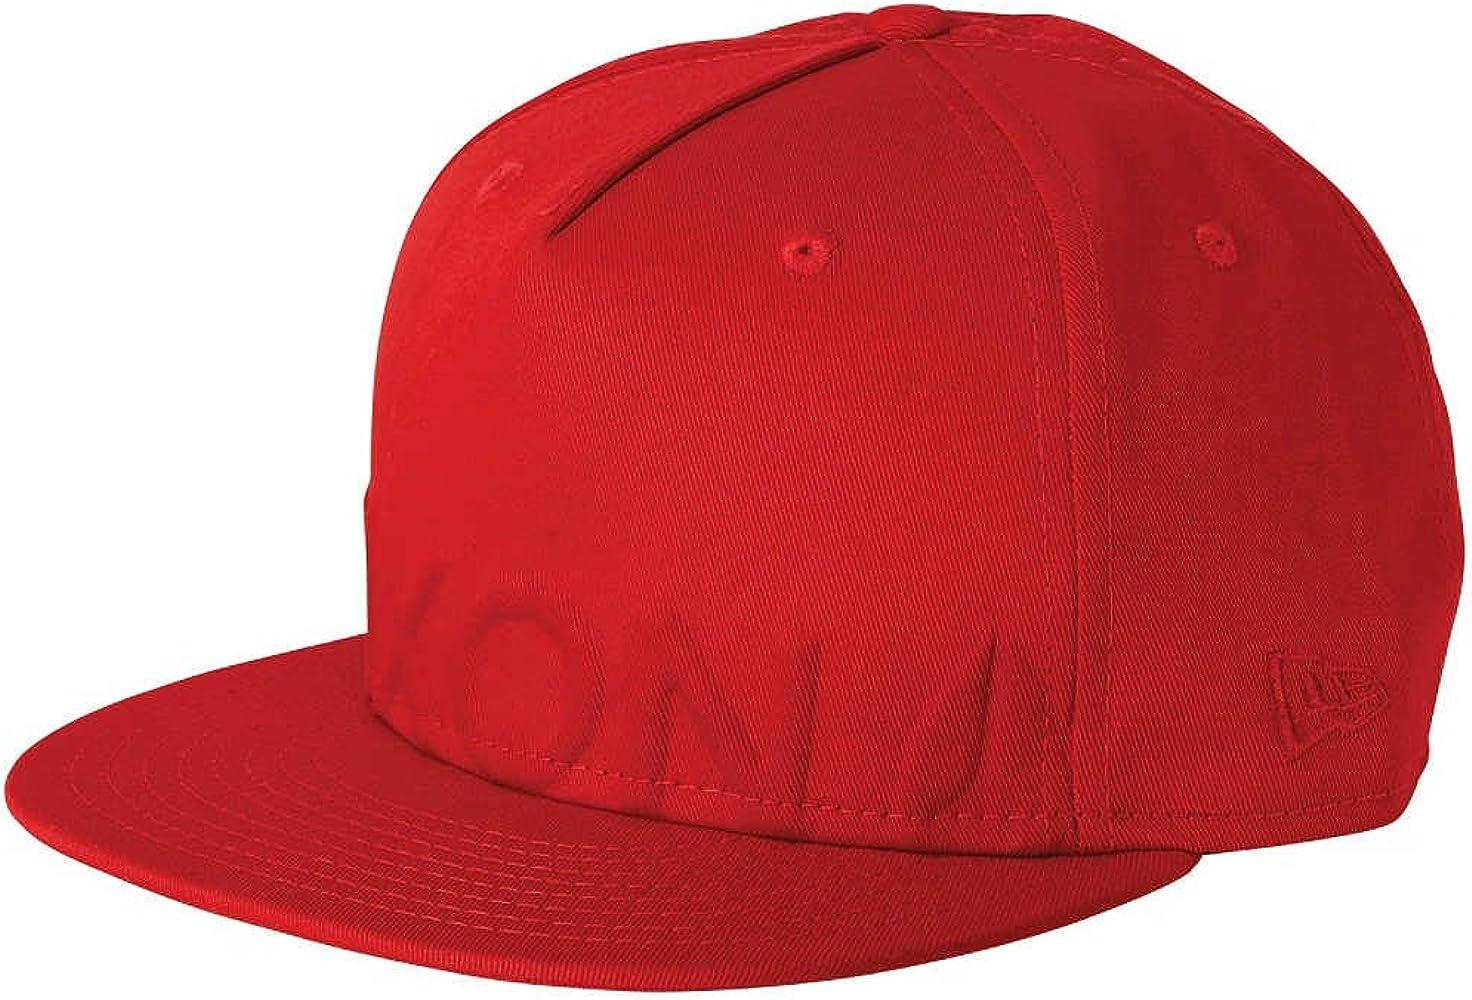 Nixon - Gorra de béisbol - para hombre rojo 7 1/8: Amazon.es: Ropa ...